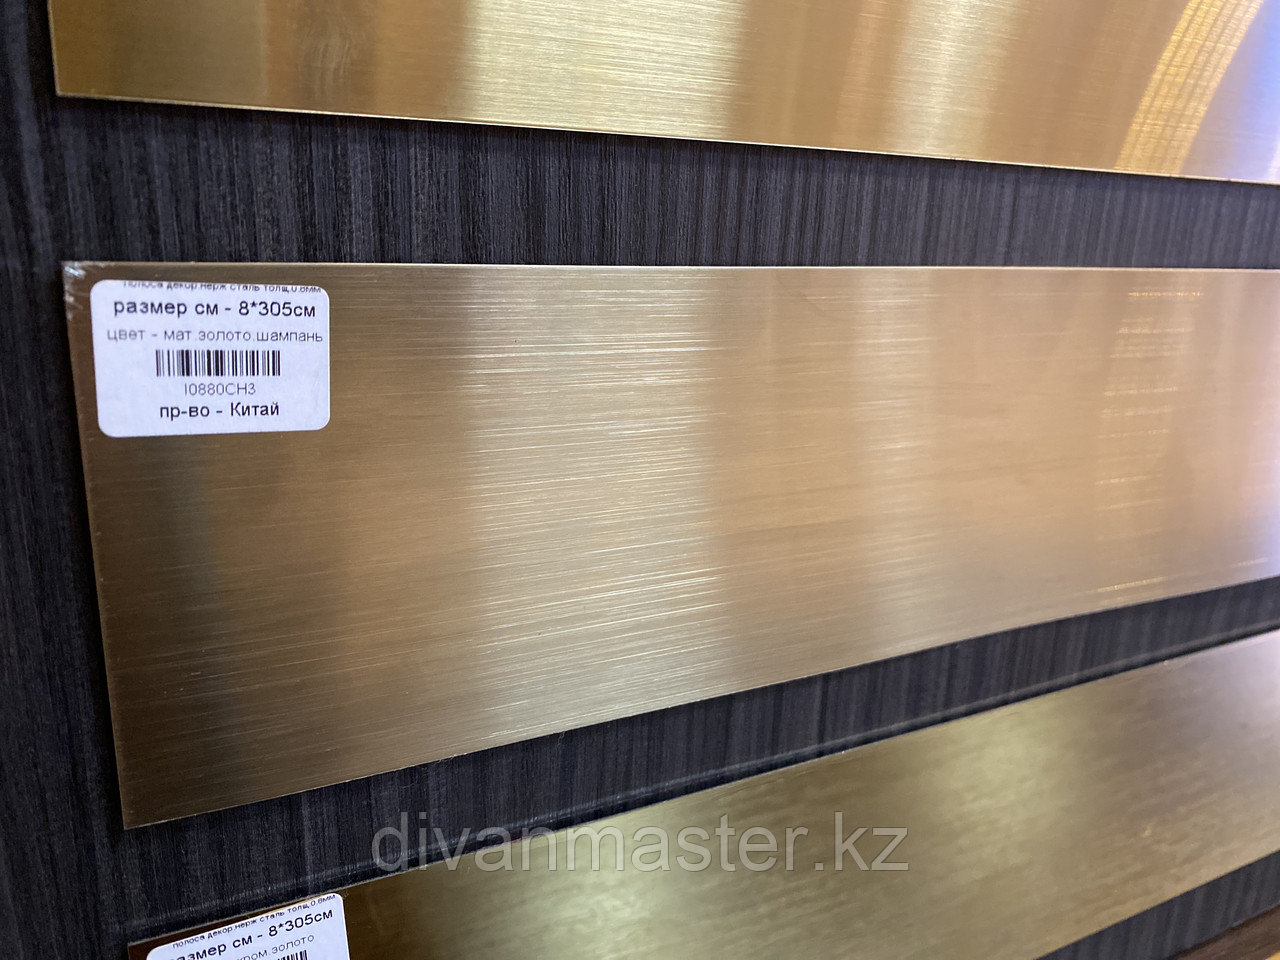 8 см, матовое, шампань - Полосы для декорирования мебели,ширина 8 см,матовое золото шампань 305 см